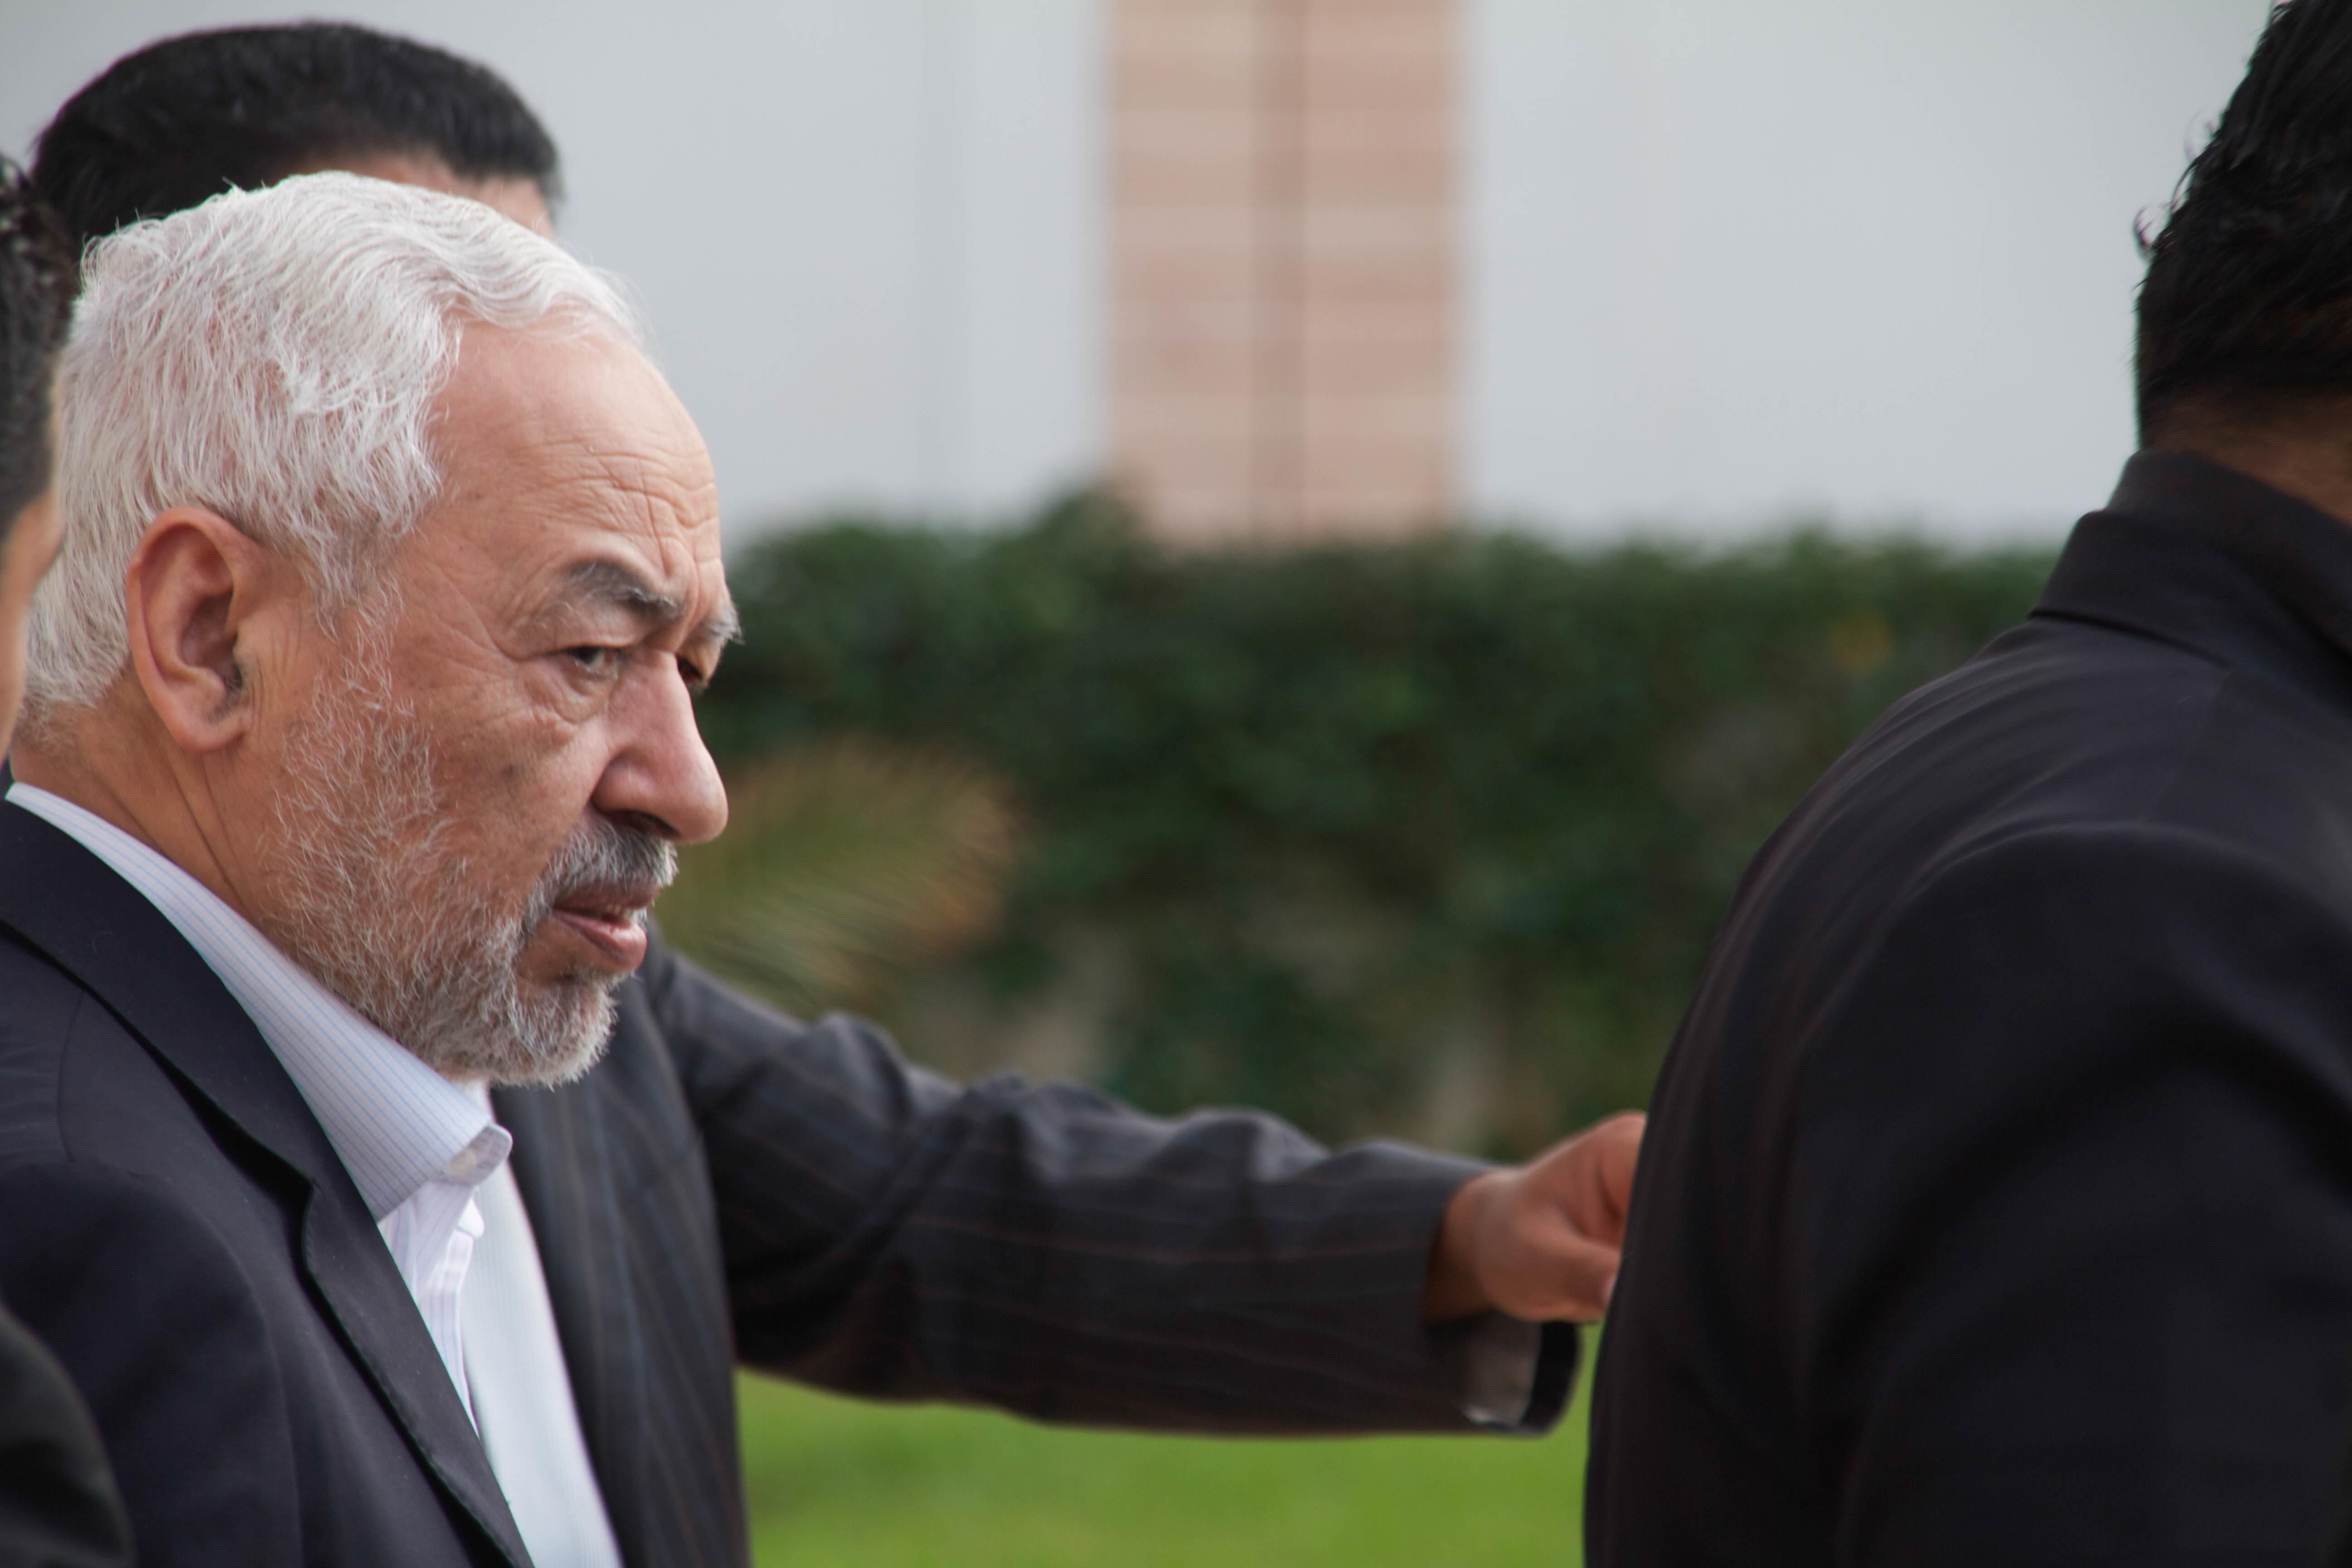 مائة قيادي في حركة النهضة يطالبون زعيمها راشد الغنوشي بعدم الترشح لرئاسة الحزب